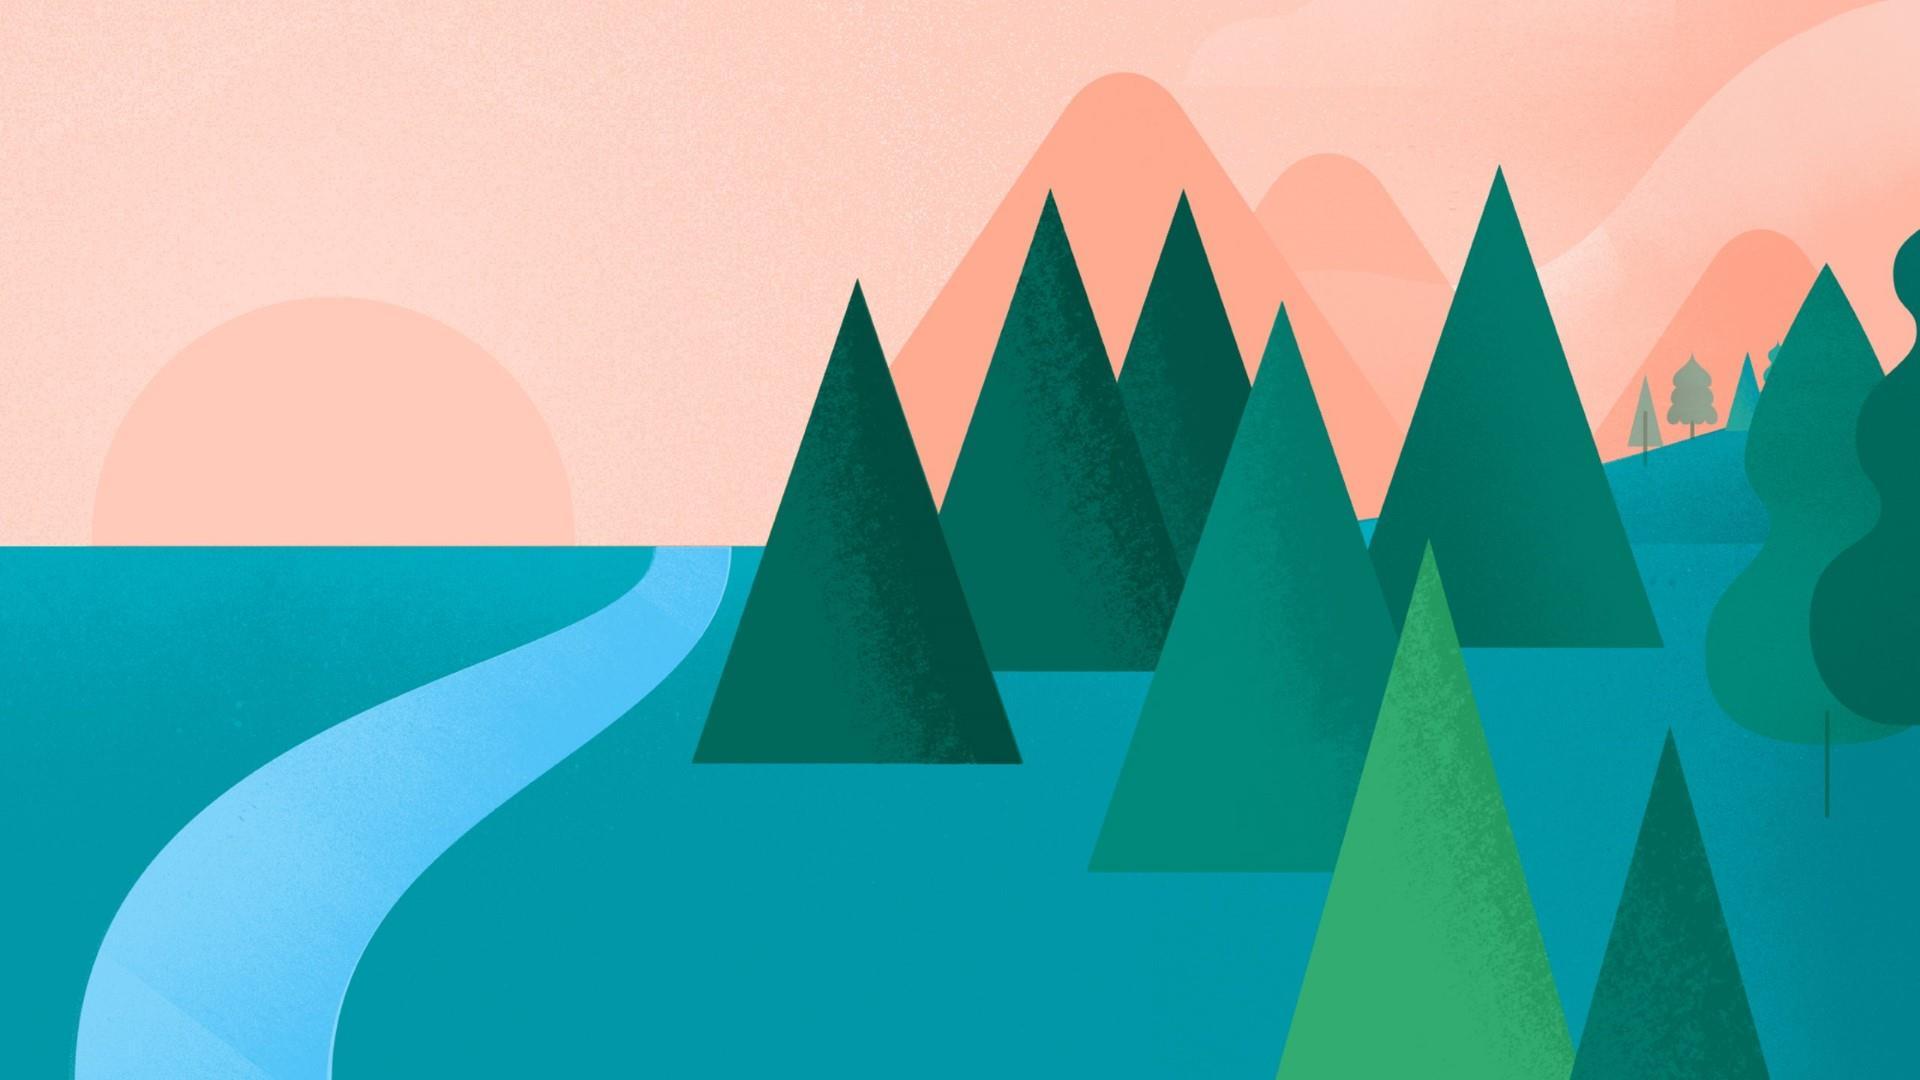 Material Design Pine Trees  wallpaper